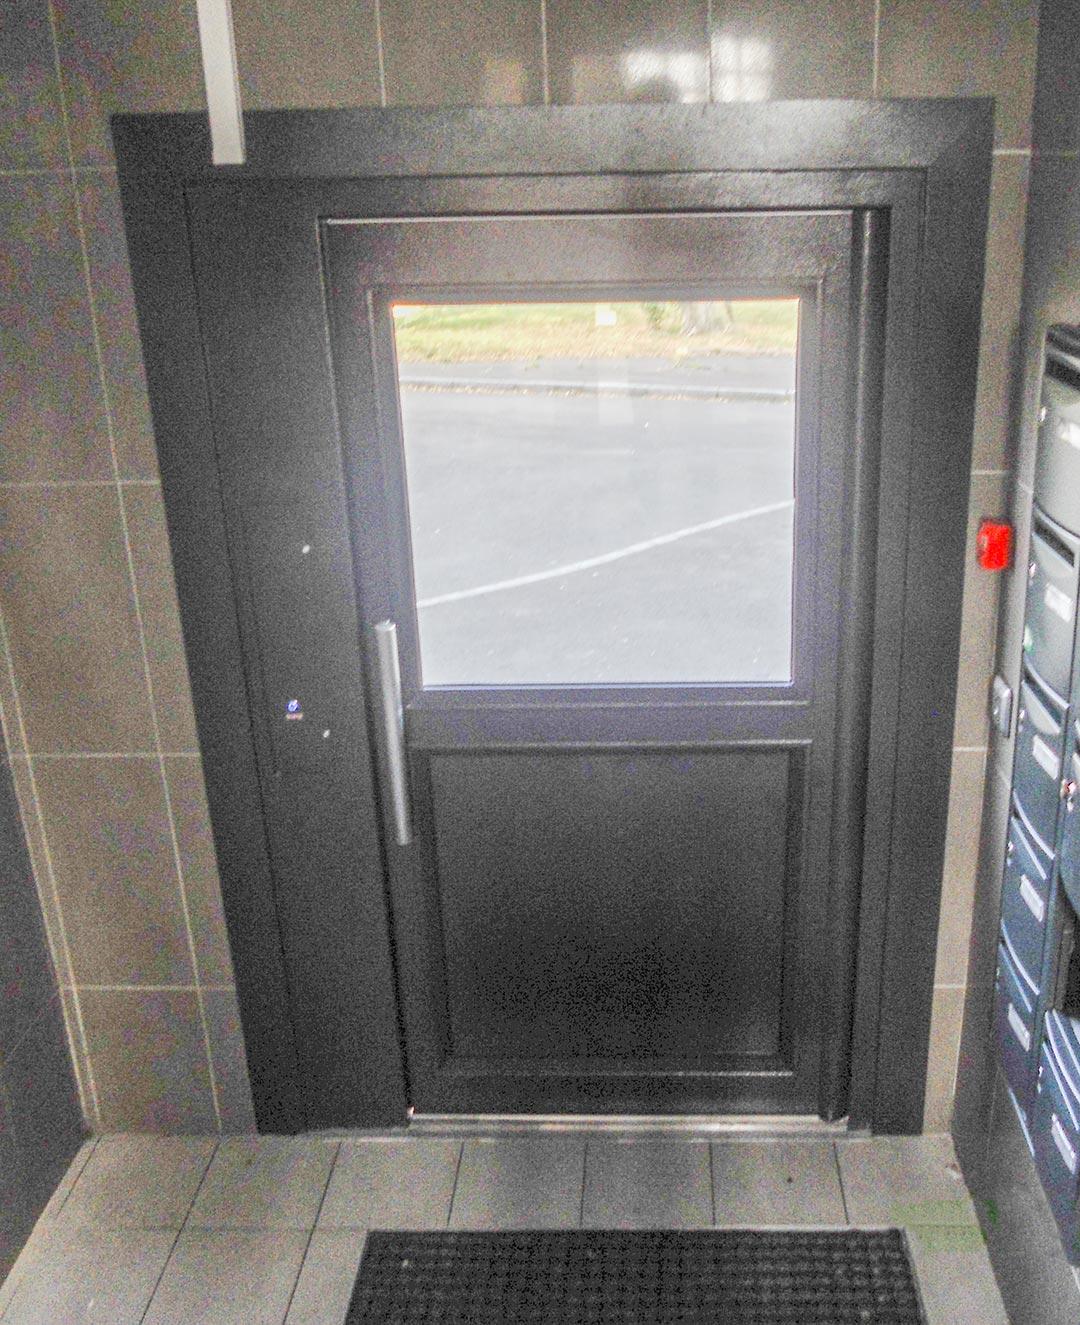 Pose d une porte d entr e d immeuble menuiserie papail et fils - Pose d une porte ...